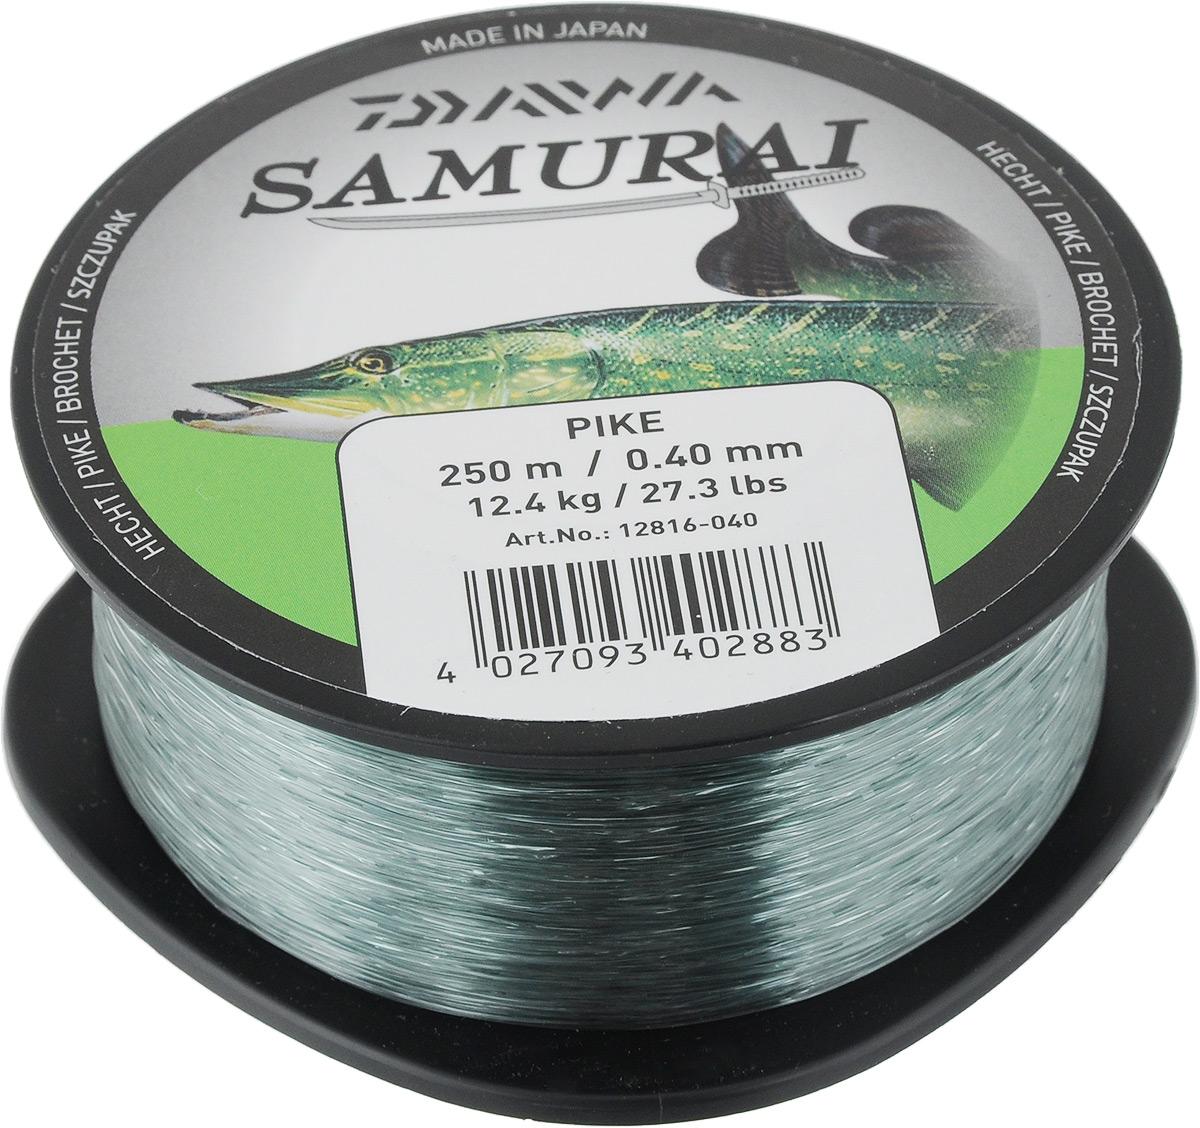 Леска Daiwa Samurai Pike, цвет: светло-оливковый, 250 м, 0,4 мм, 12,4 кг41594Популярная леска Daiwa Samurai Pike применяется для ловли разнообразной рыбы. Изготовлена из прочного нейлона согласновысоким стандартам качества. Леска сочетает в себе великолепное соотношение цены и качества.